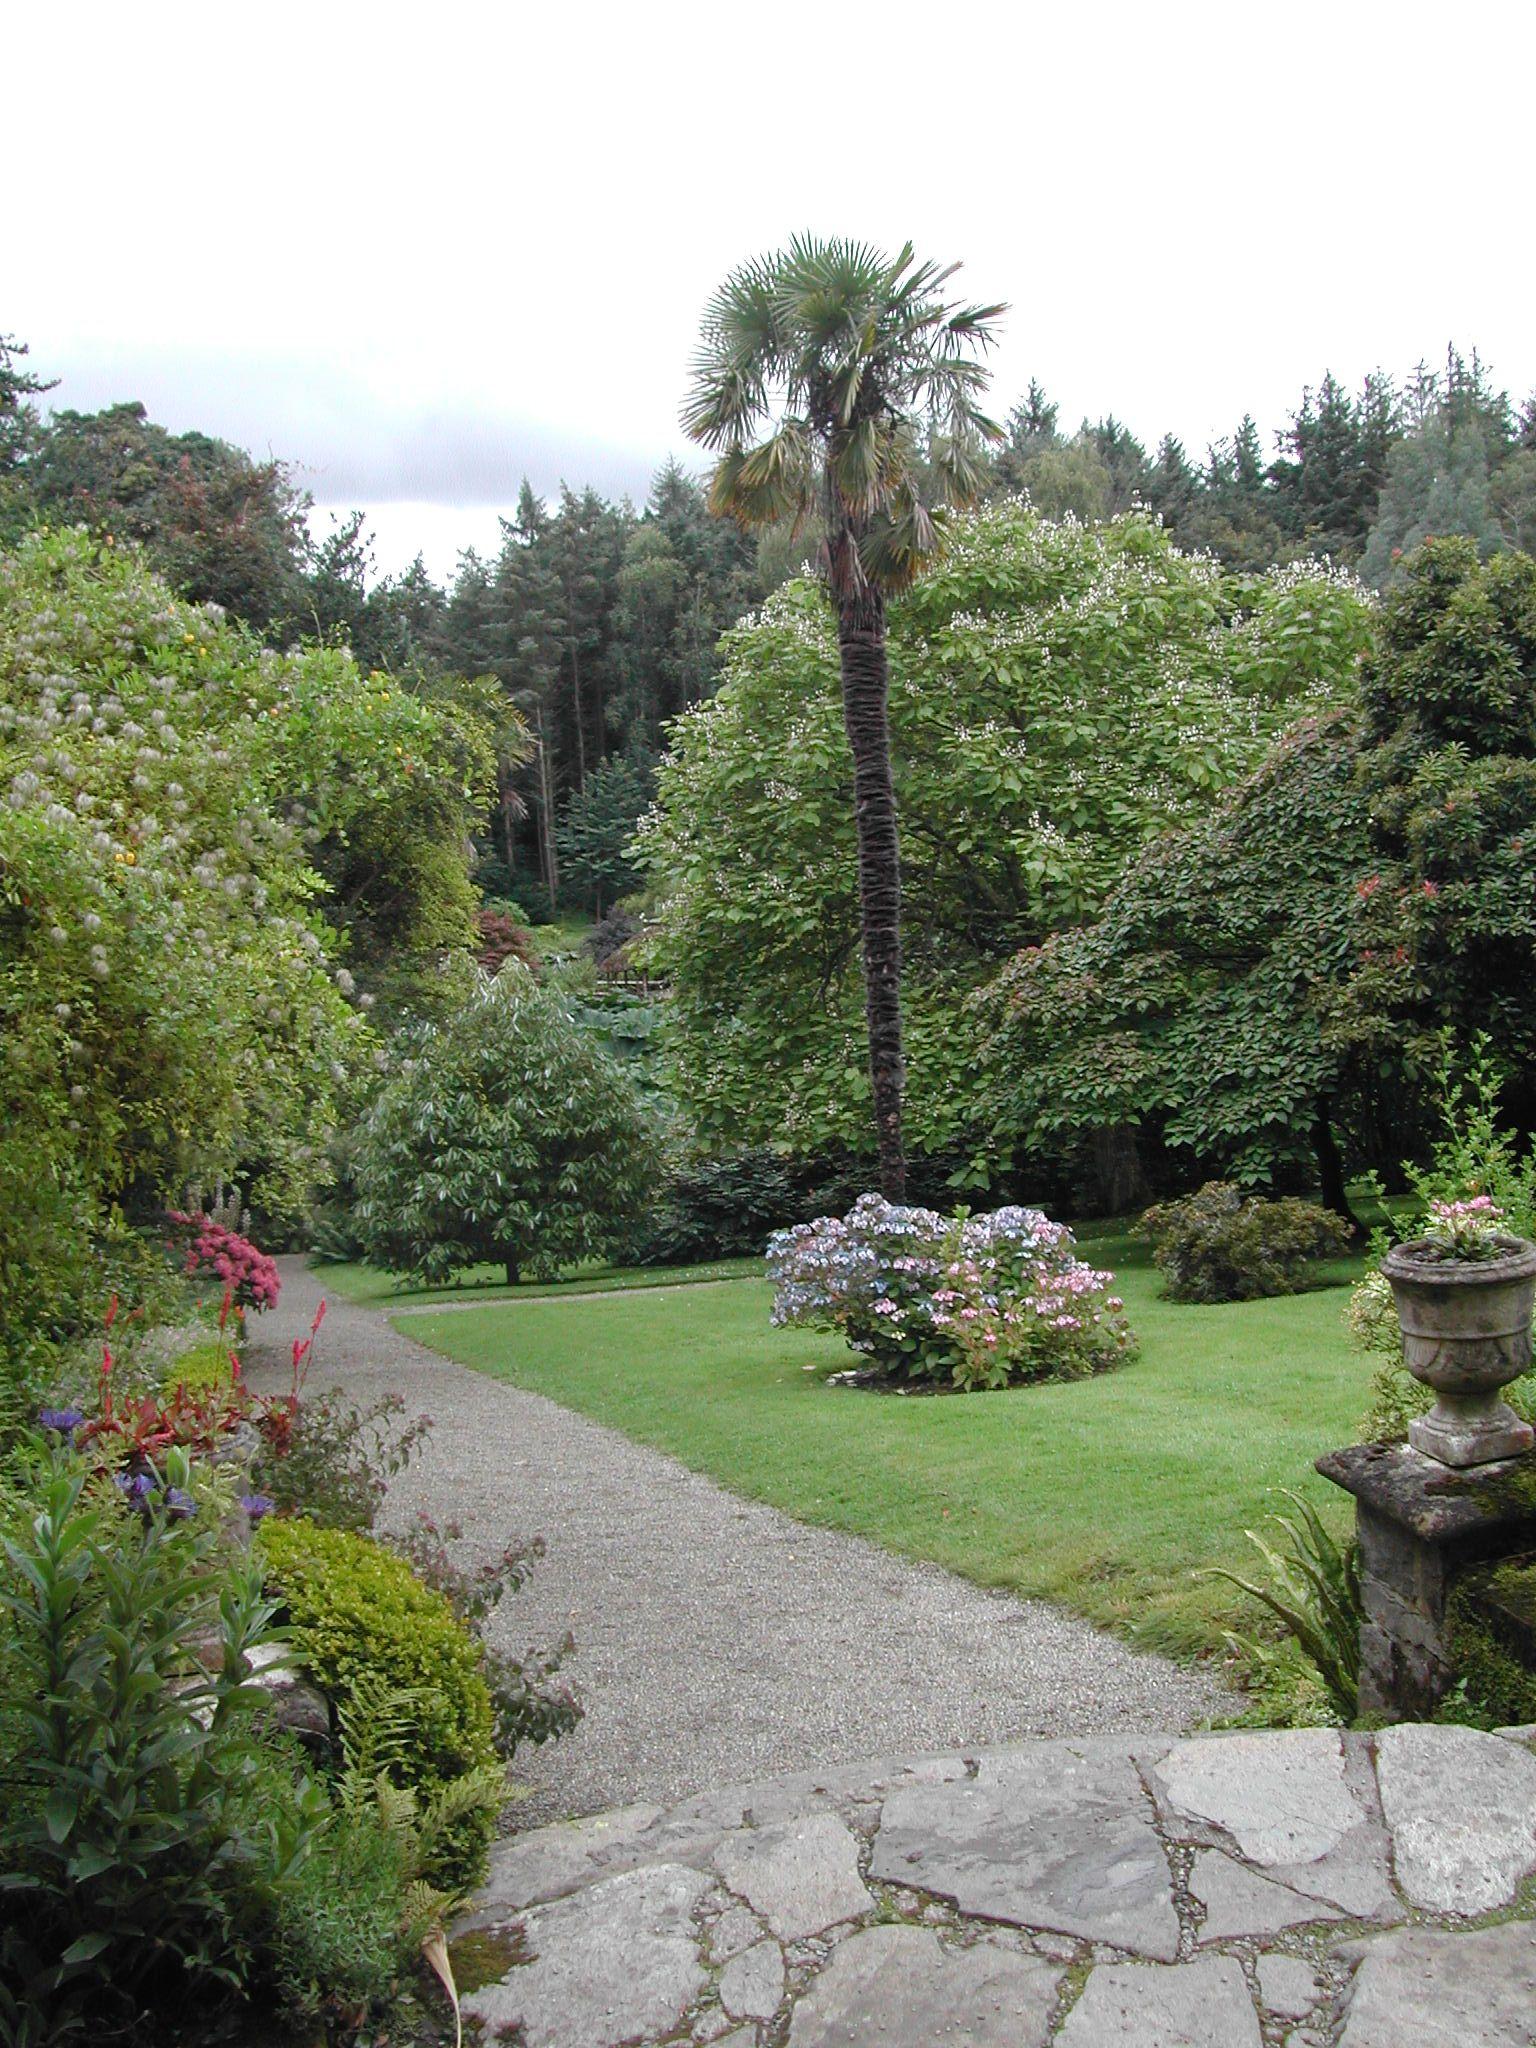 The Walled Garden At Penrhyn Castle Gwynedd Wales Jardines Y Casas Garden Castle Wales